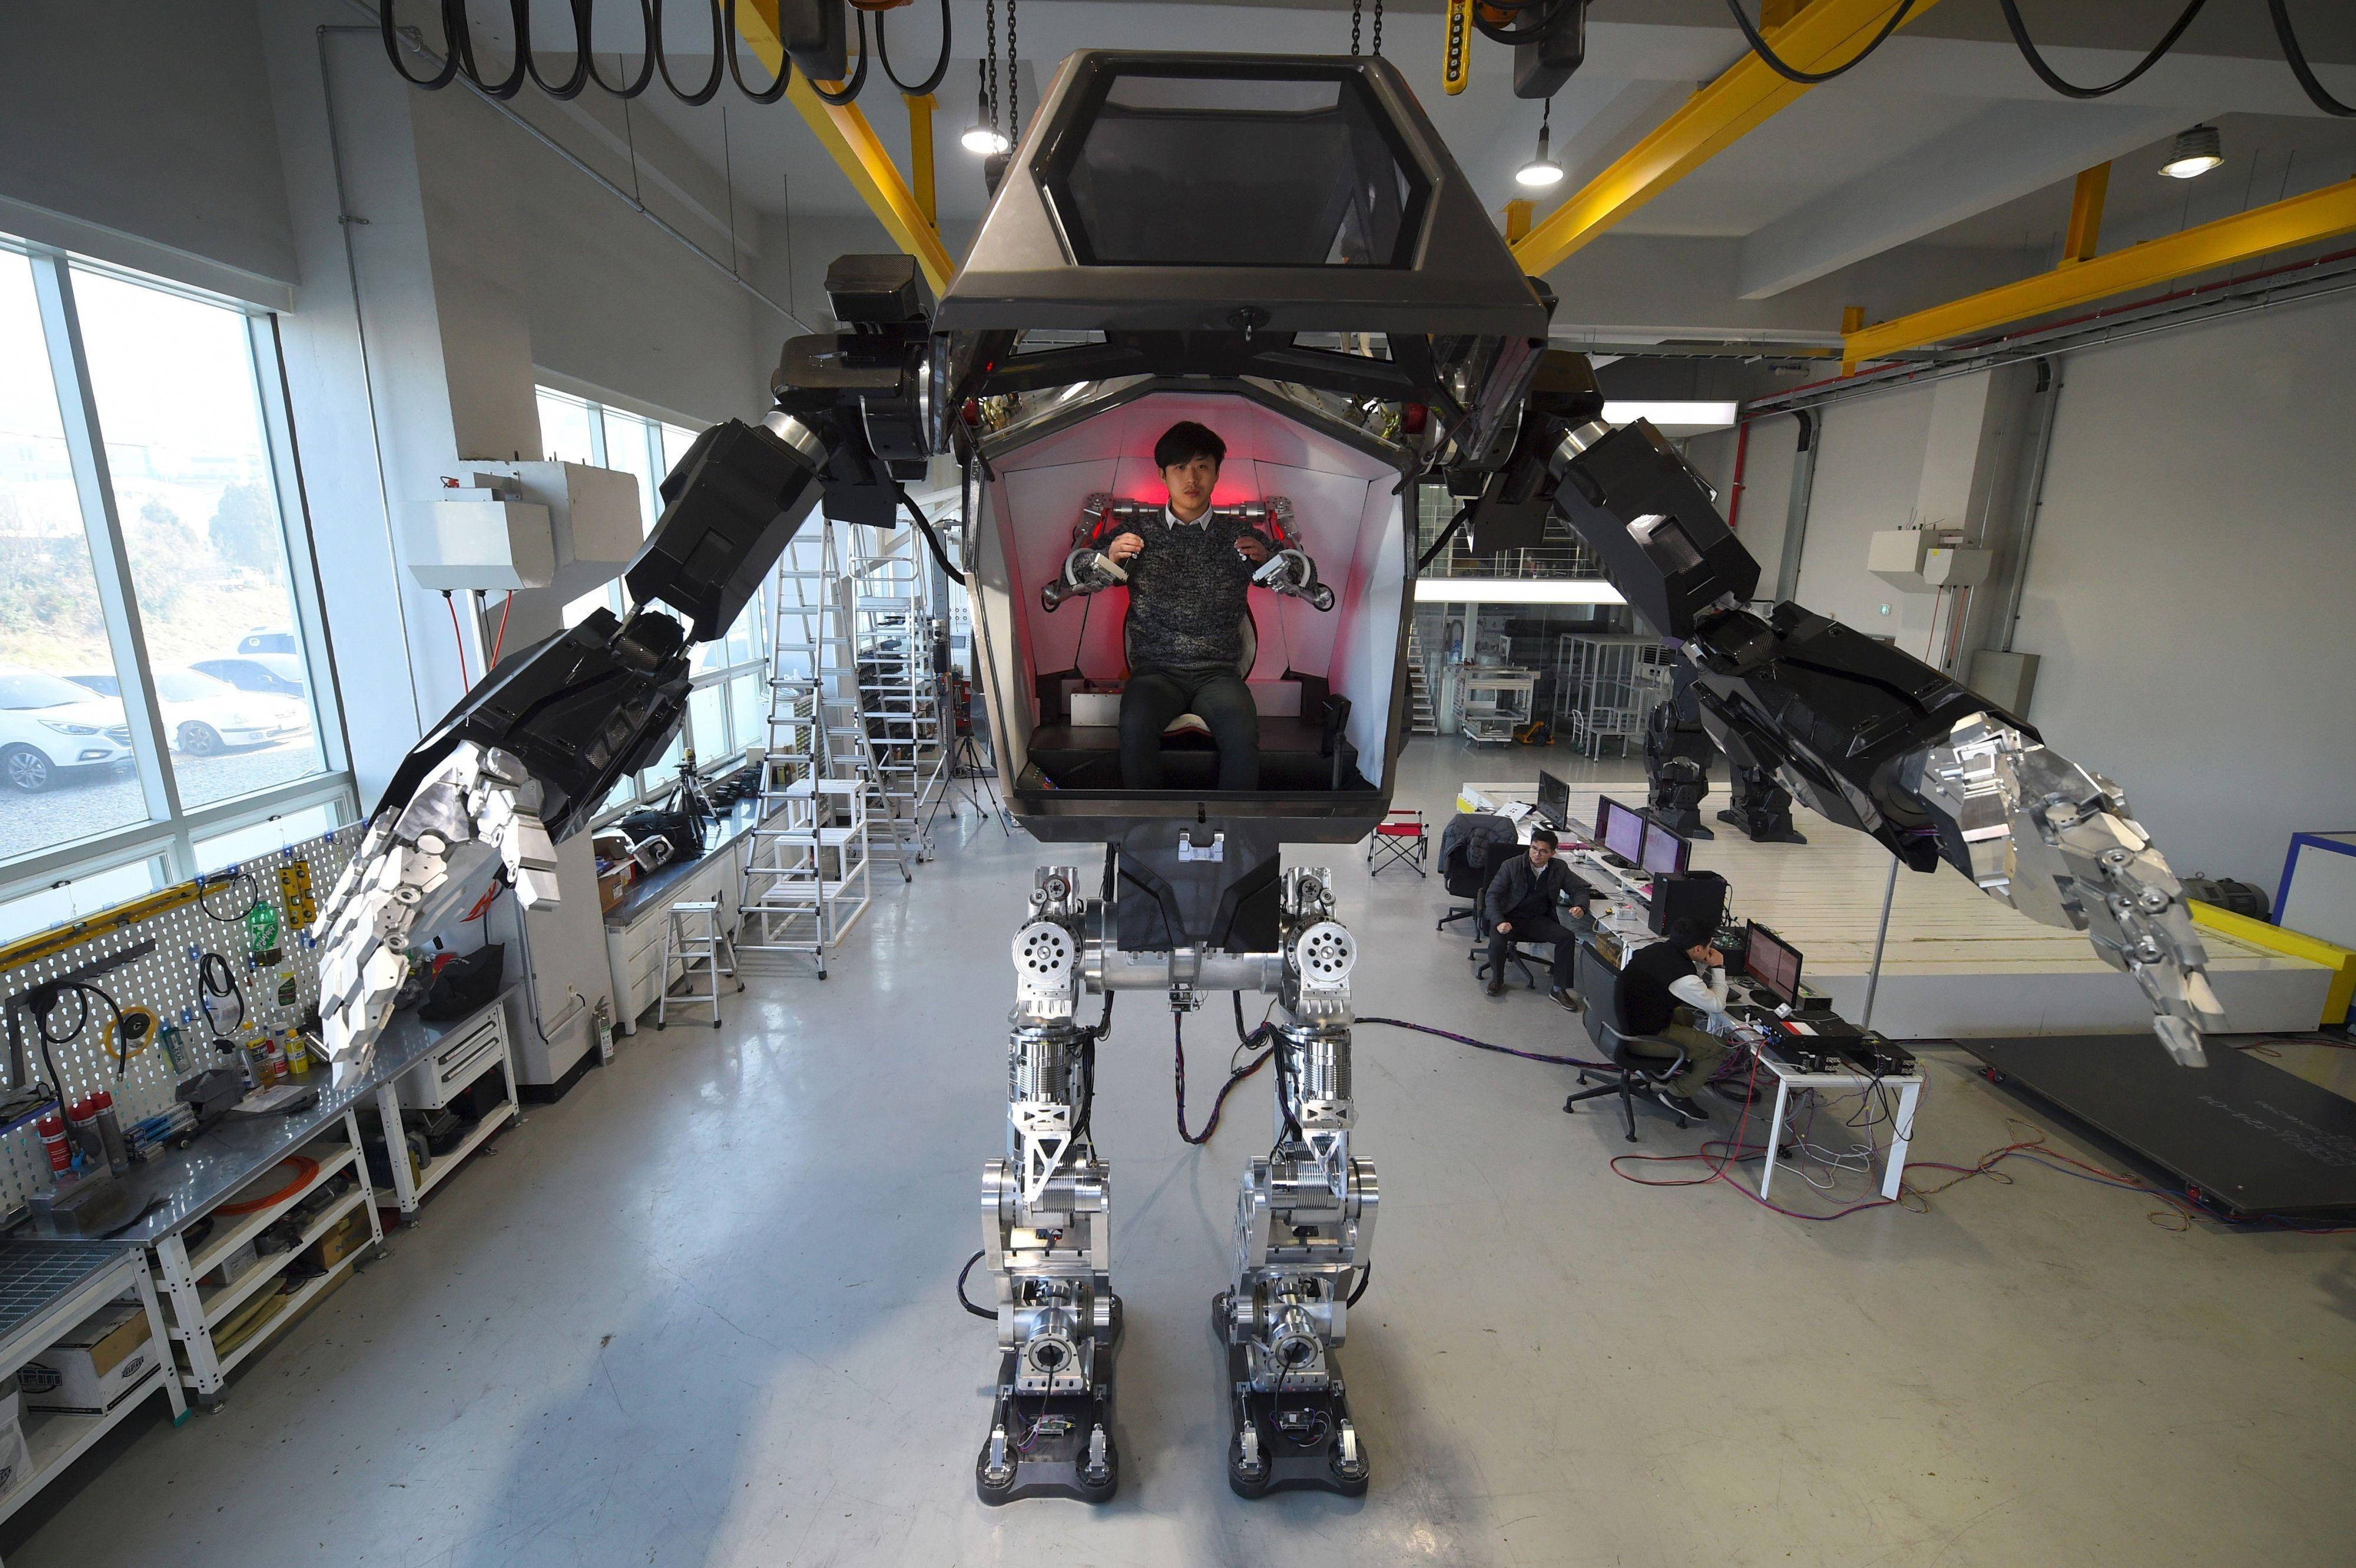 Sci-Fi Korean Robot Is Actually Very Real